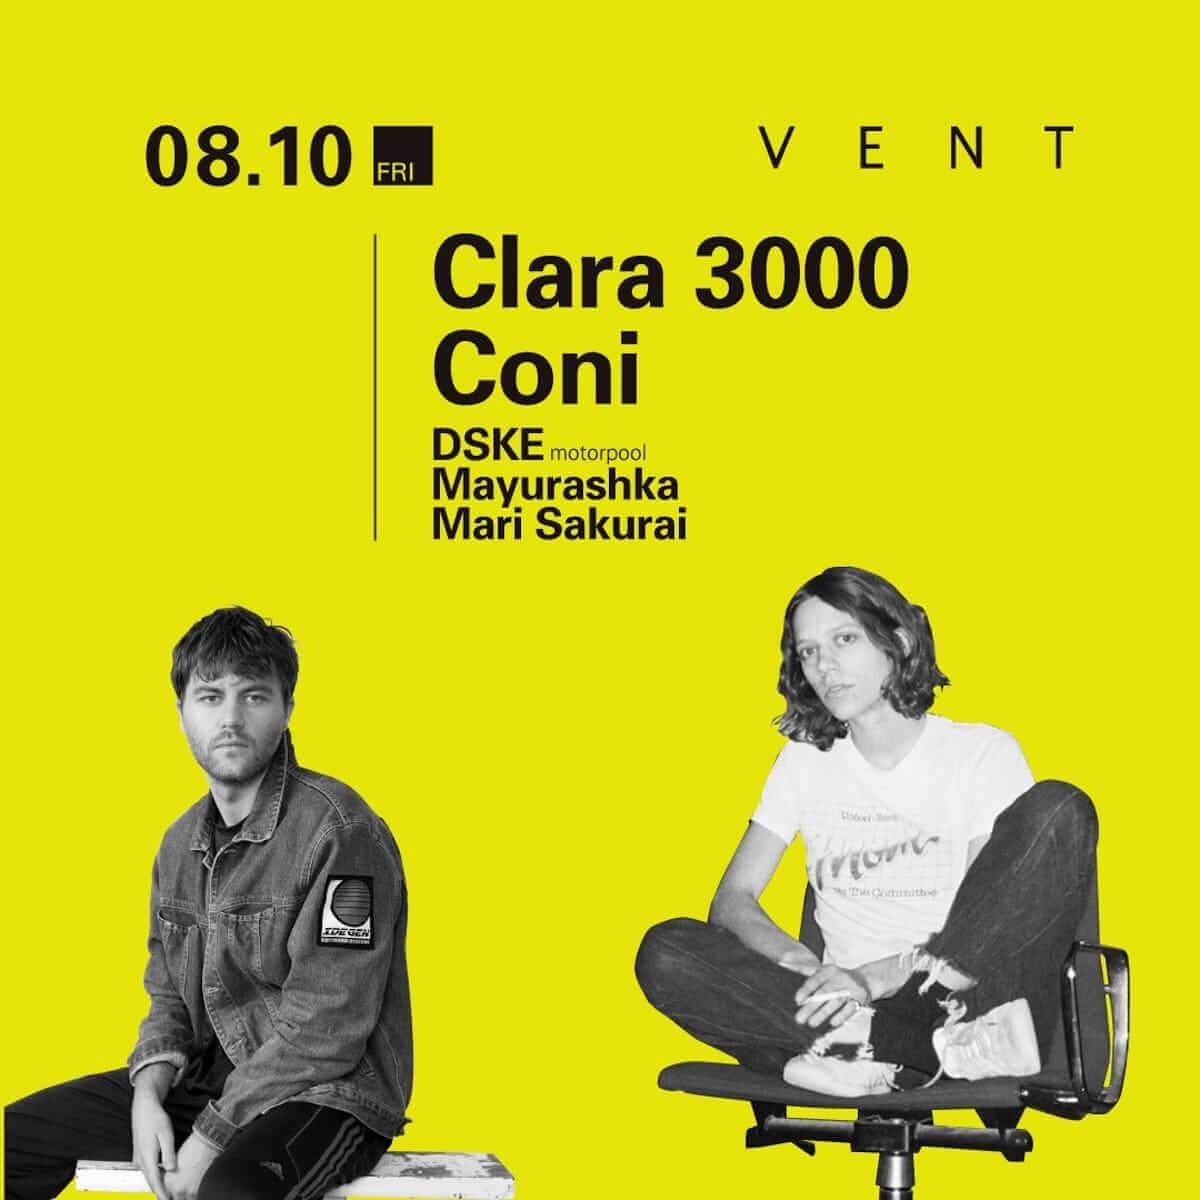 フレンチアンダーグラウンドシーンの鬼才、Clara3000とConiがダブルヘッドライナーを務めるイベントがVENTにて開催 music180806-clara-3000-coni-4-1200x1200